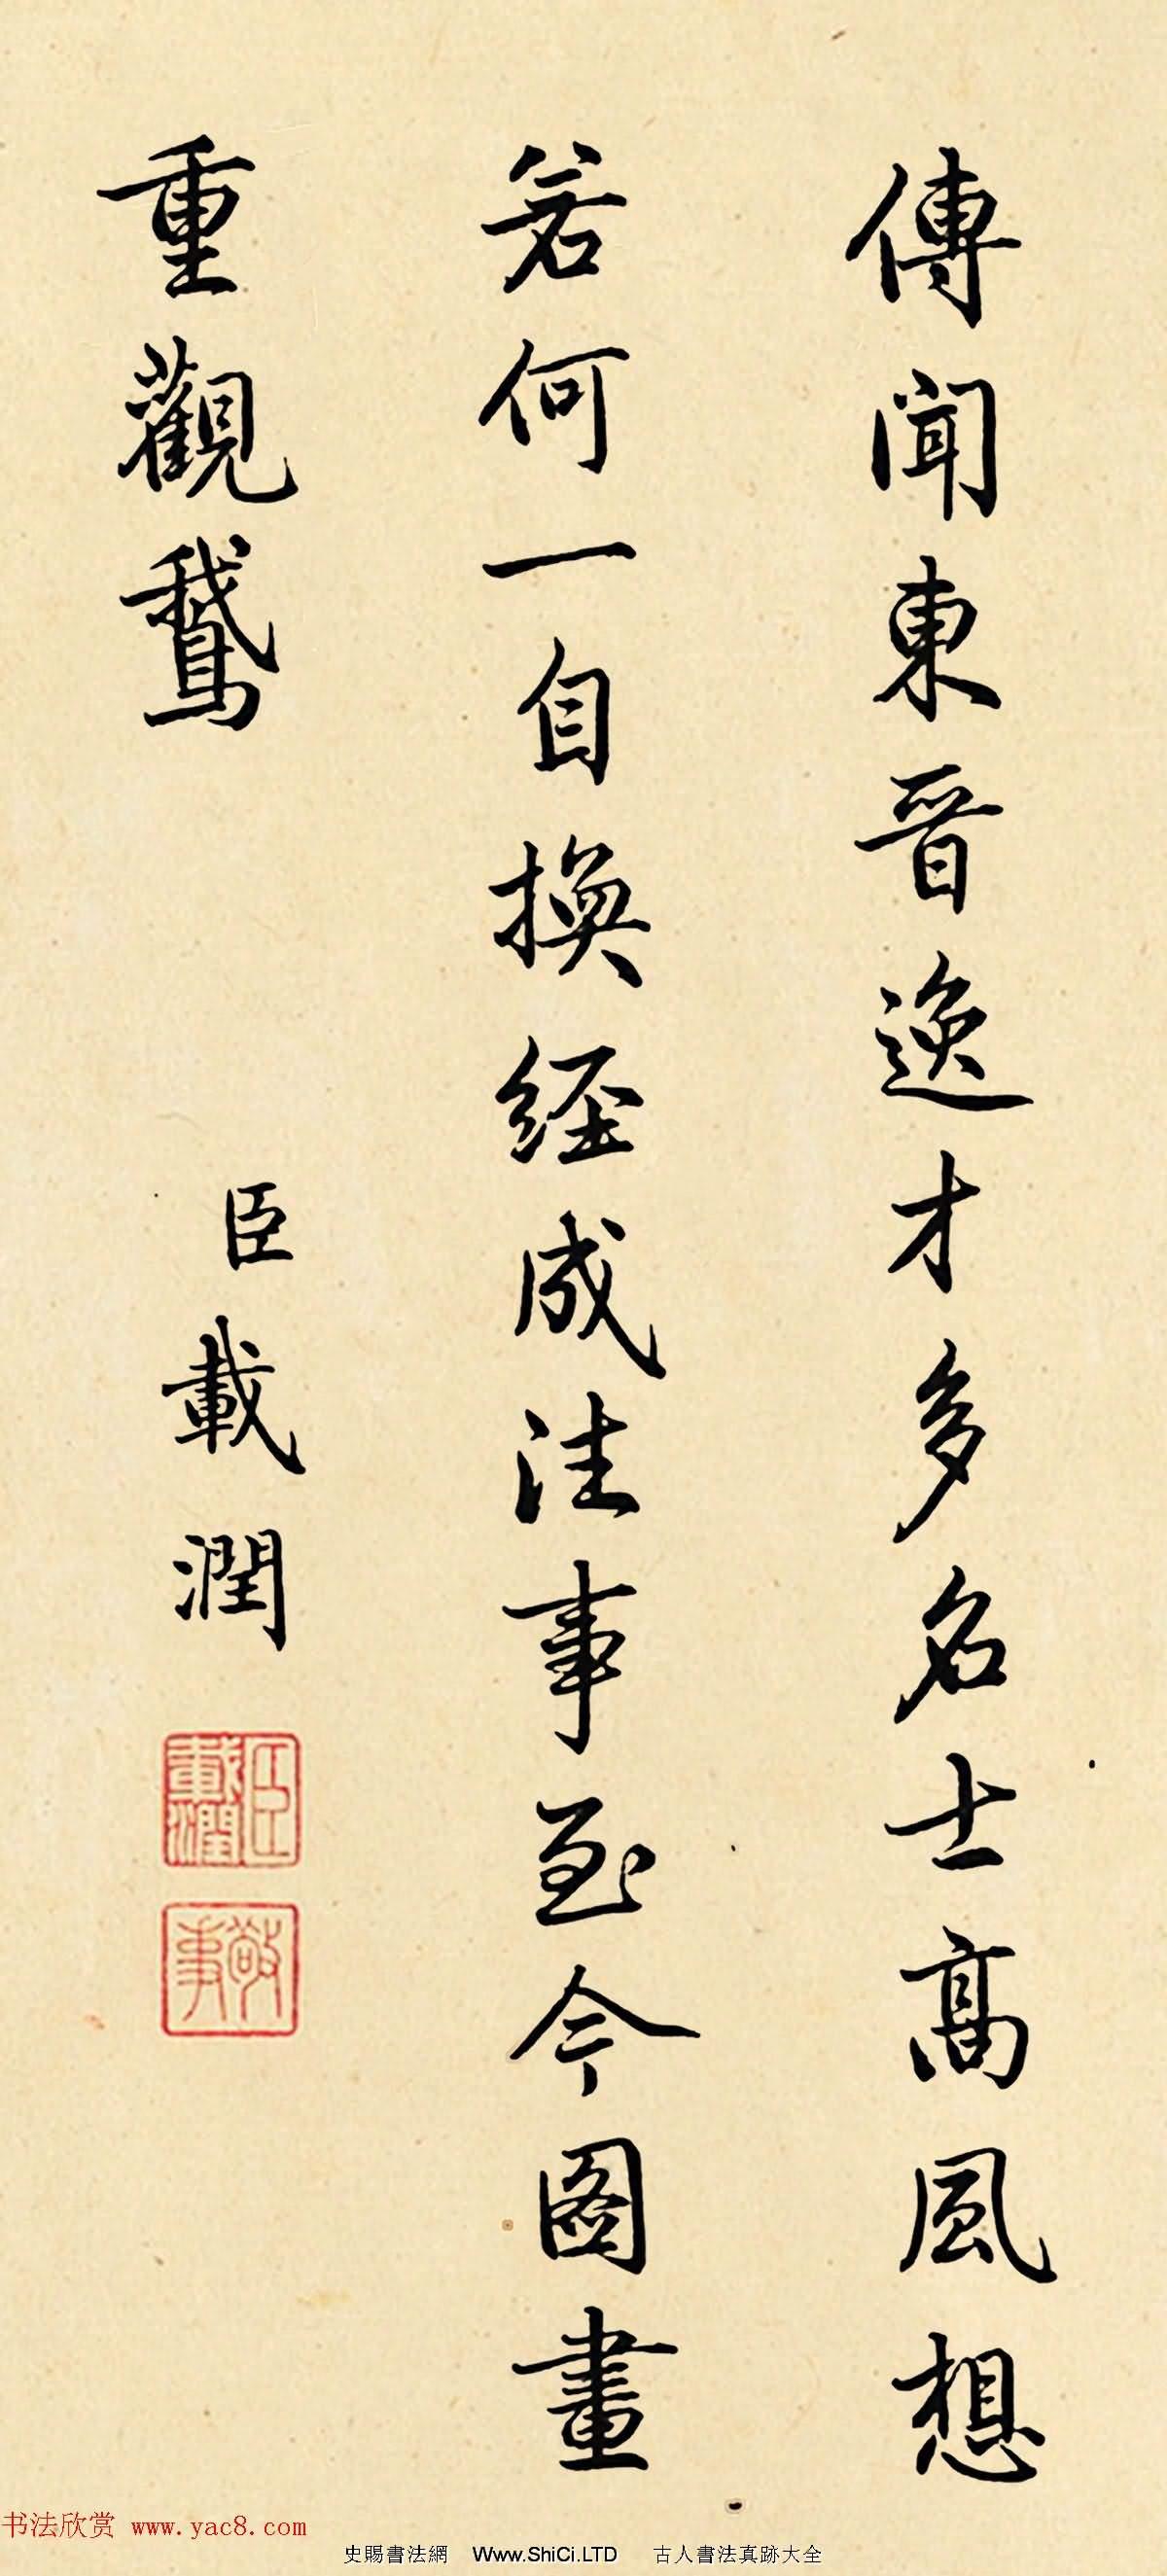 愛新覺羅家族五人同題觀鵝圖